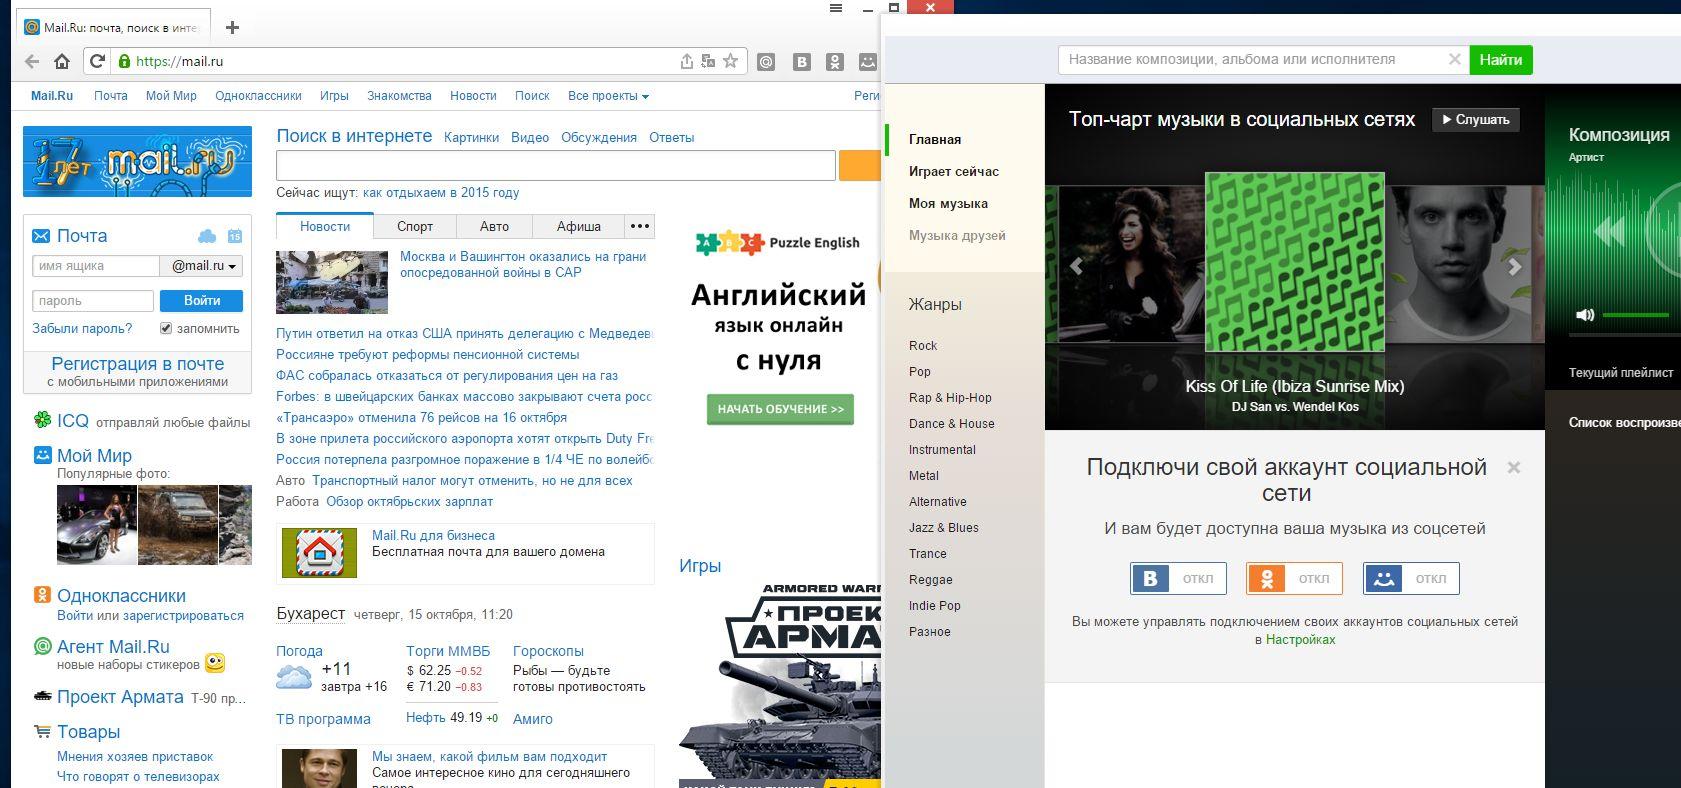 Установить браузер амиго для виндовс 10